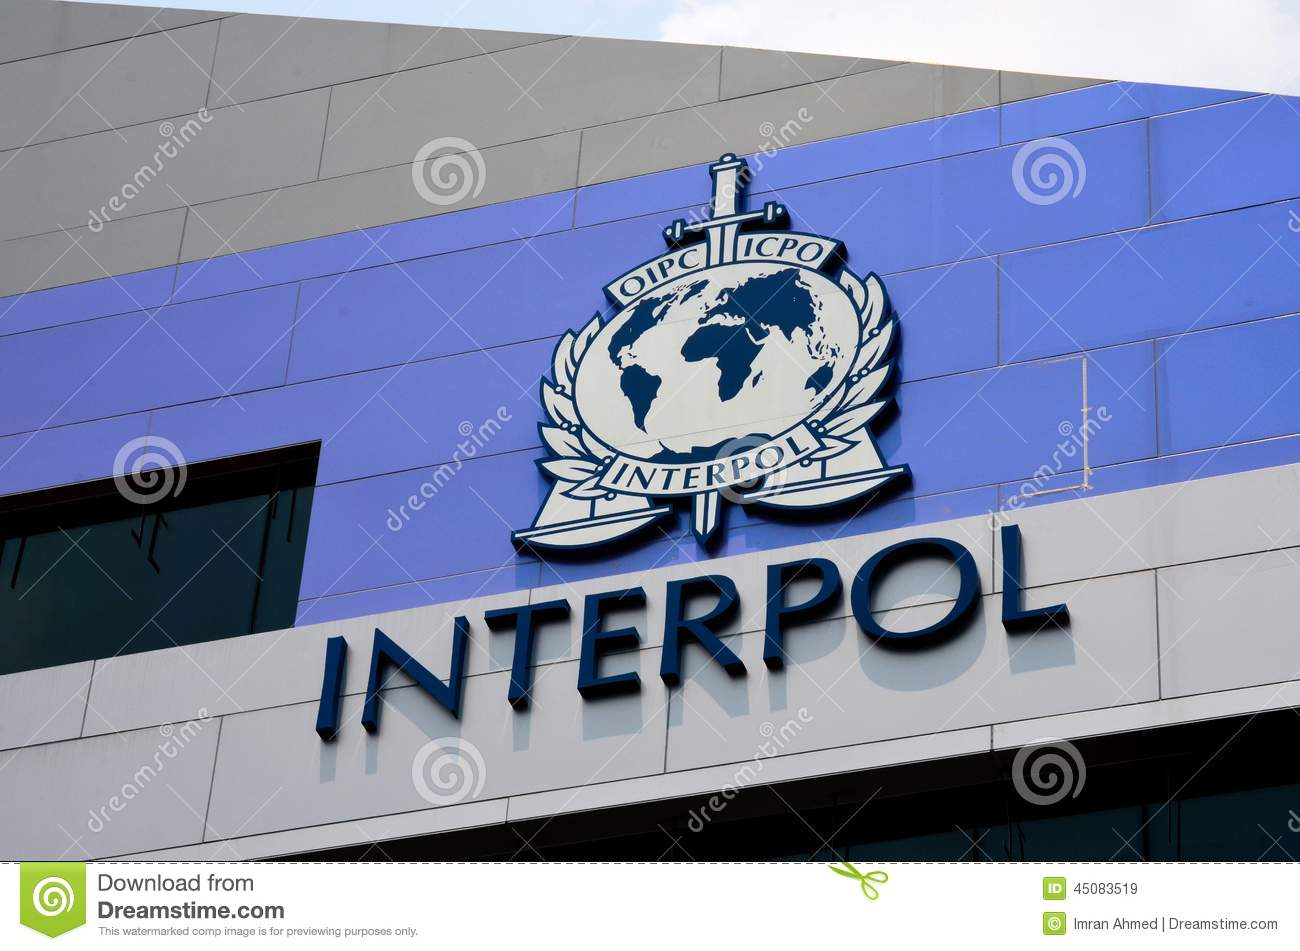 Vente de produits sexuels: Les dessous d'une intervention rondement menée par Interpol